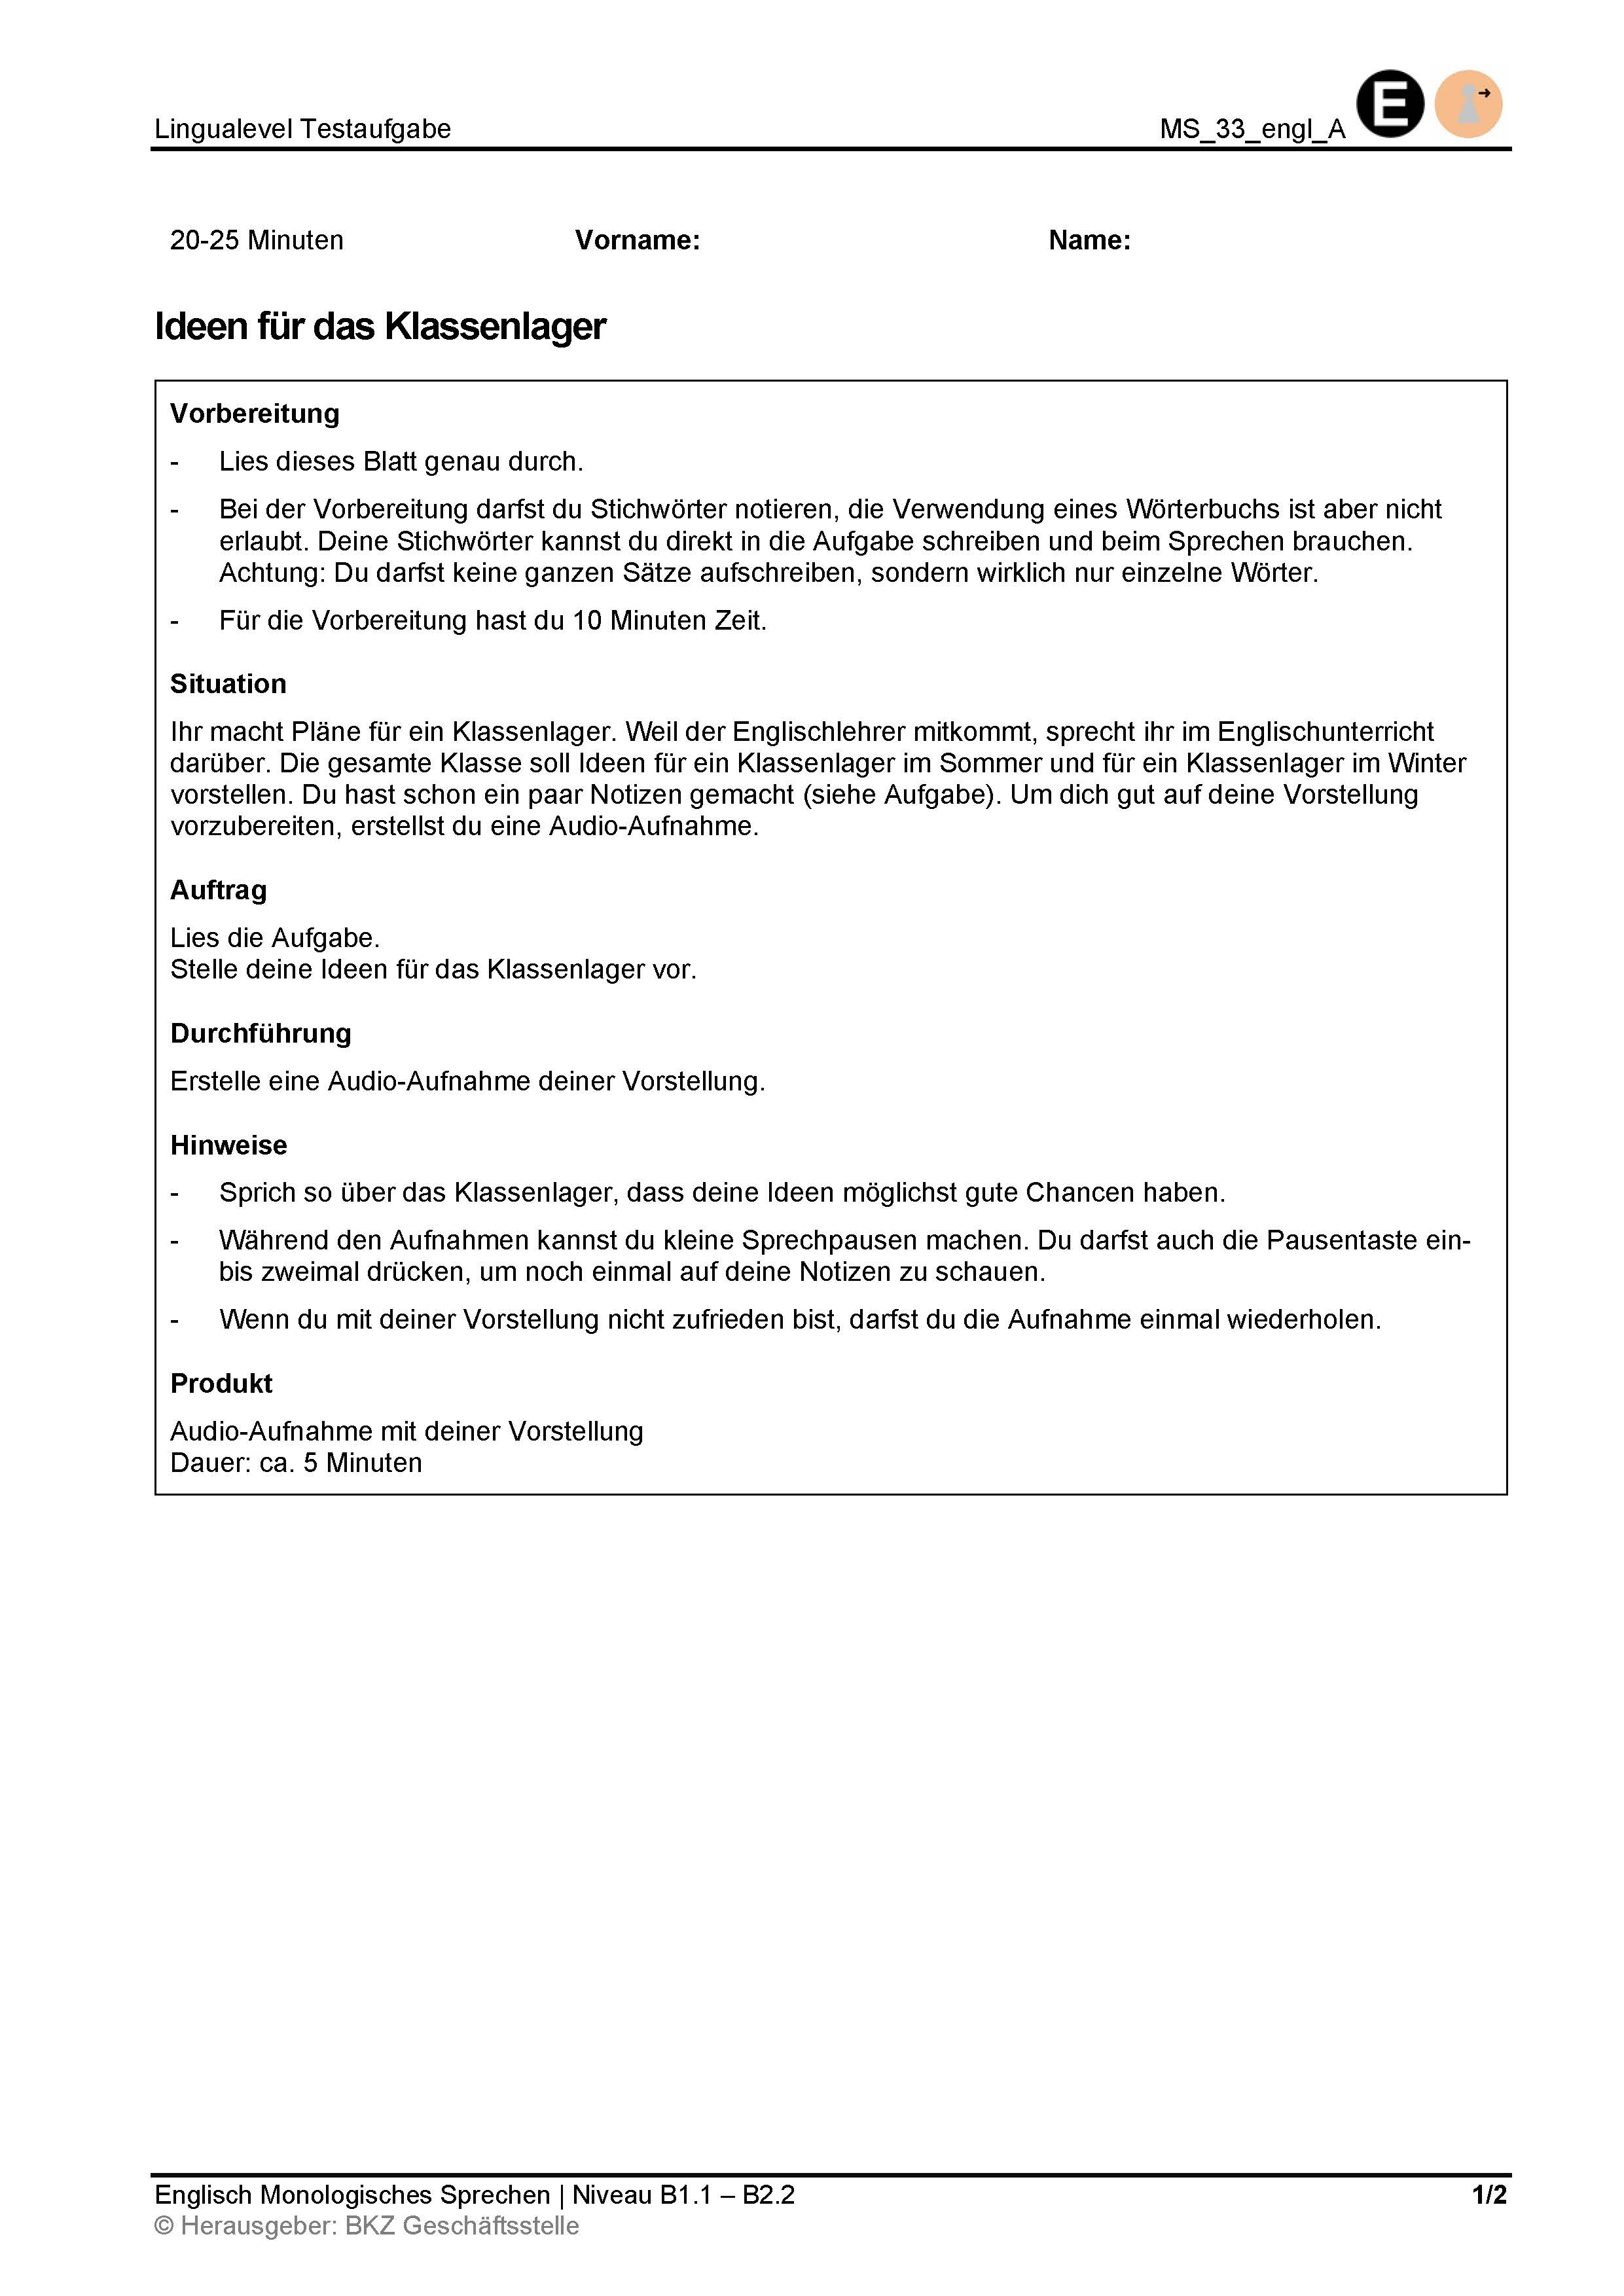 Preview image for LOM object Monologisches Sprechen: Ideen für das Klassenlager